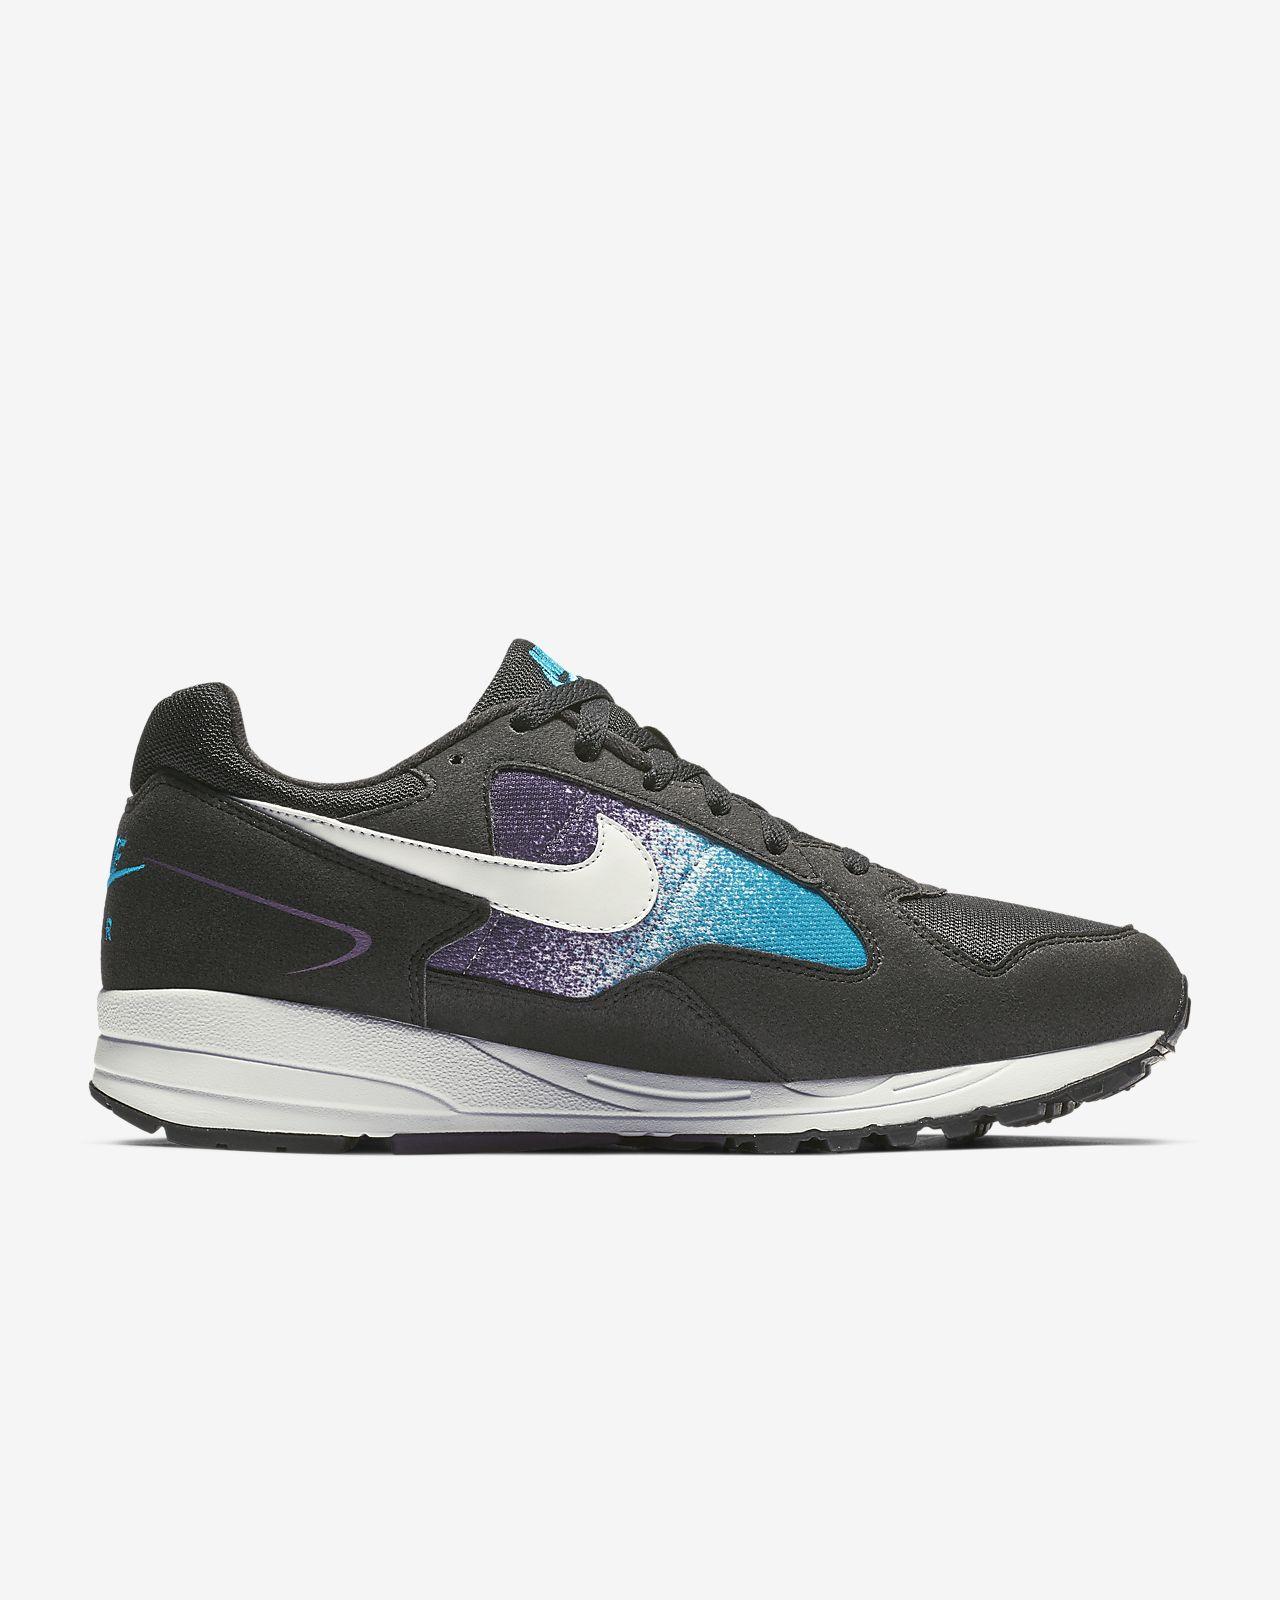 big sale 7fa1d 92a3b ... Chaussure Nike Air Skylon II pour Homme